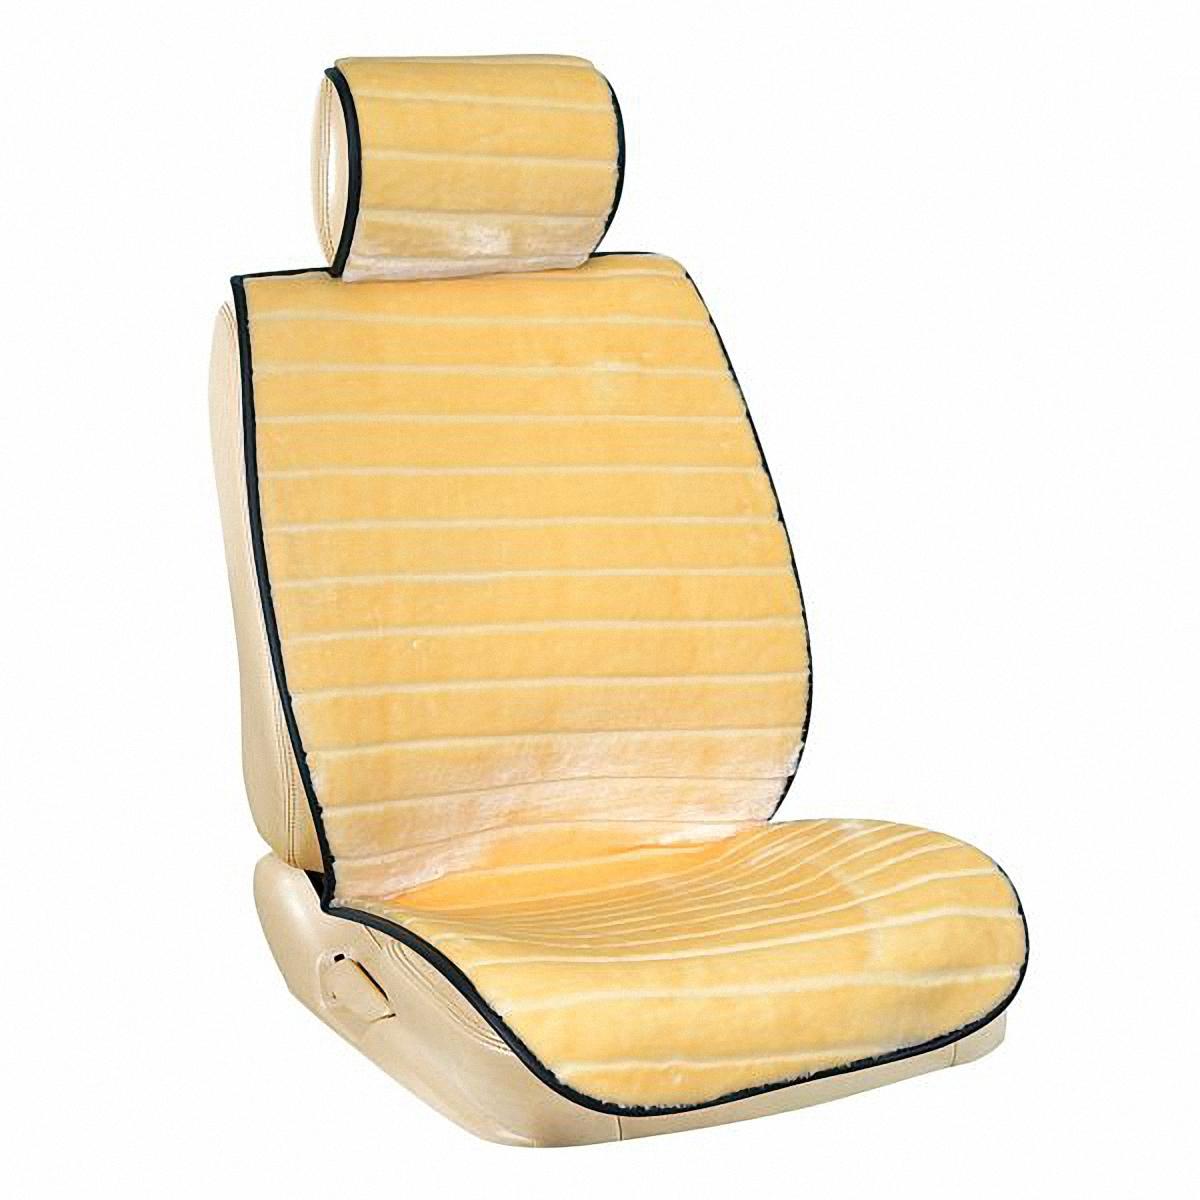 Накидки автомобильные Skyway, цвет: бежевый, 5 предметов. S03001065S03001065Накидка для сиденья Skyway выполнена из искусственного меха - мутон.Накидки из мягкого искусственного мутона согревают в зимнее время. Прекрасно дополняют интерьер салона любого автомобиля. Мягкие и очень приятные накидки предназначены для передних и задних сидений. Также в комплекте имеется перегородка на молнии для заднего сиденья и удобная накидка под шею, которая крепится к любому подголовнику при помощи резинки. Легкая установка облегчает использование, а высокотехнологичный материал не требует дополнительного ухода. Отличное решение в любое время года!В комплекте 5 предметов:Накидка на переднее сиденье со спинкой - 2 шт.Накидка под шею - 1 шт.Накидка на заднее сиденье (спинка) - 2 шт.Перегородка на молнии для заднего сиденья - 1 шт.Накидка на заднее сиденье - 1 шт.